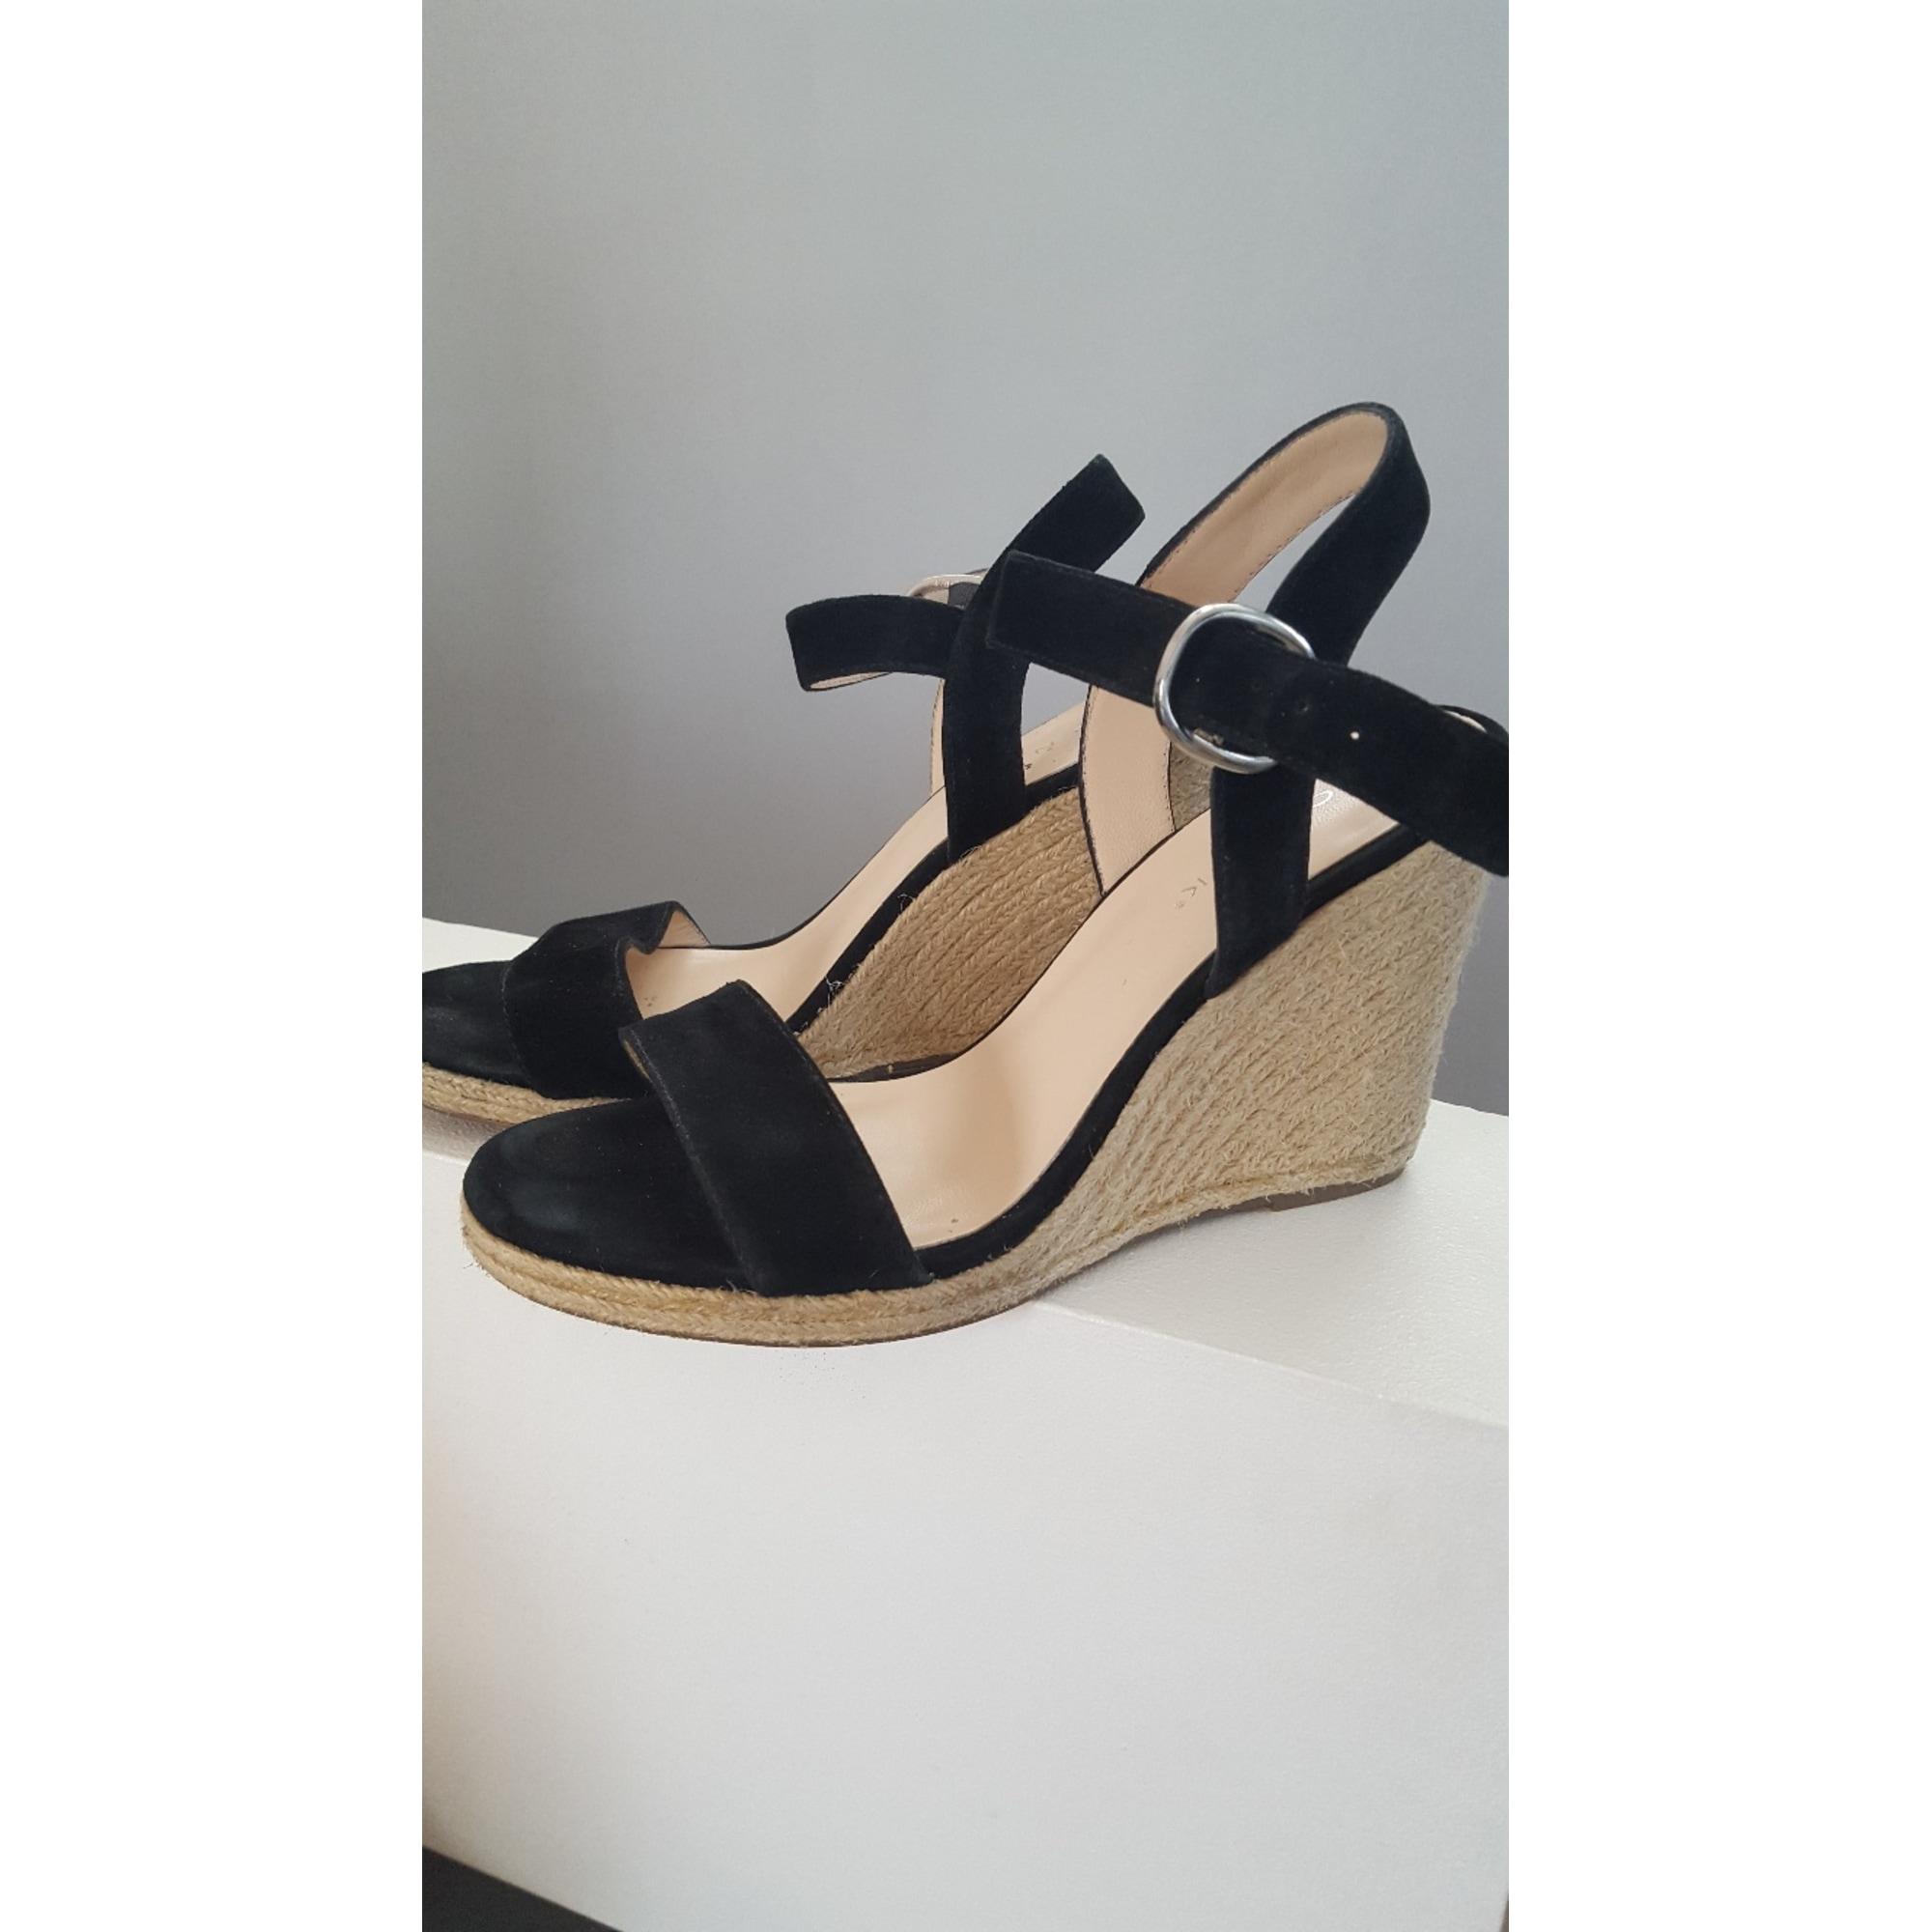 72196cc53e0 Sandales compensées JONAK 38 noir - 6824842